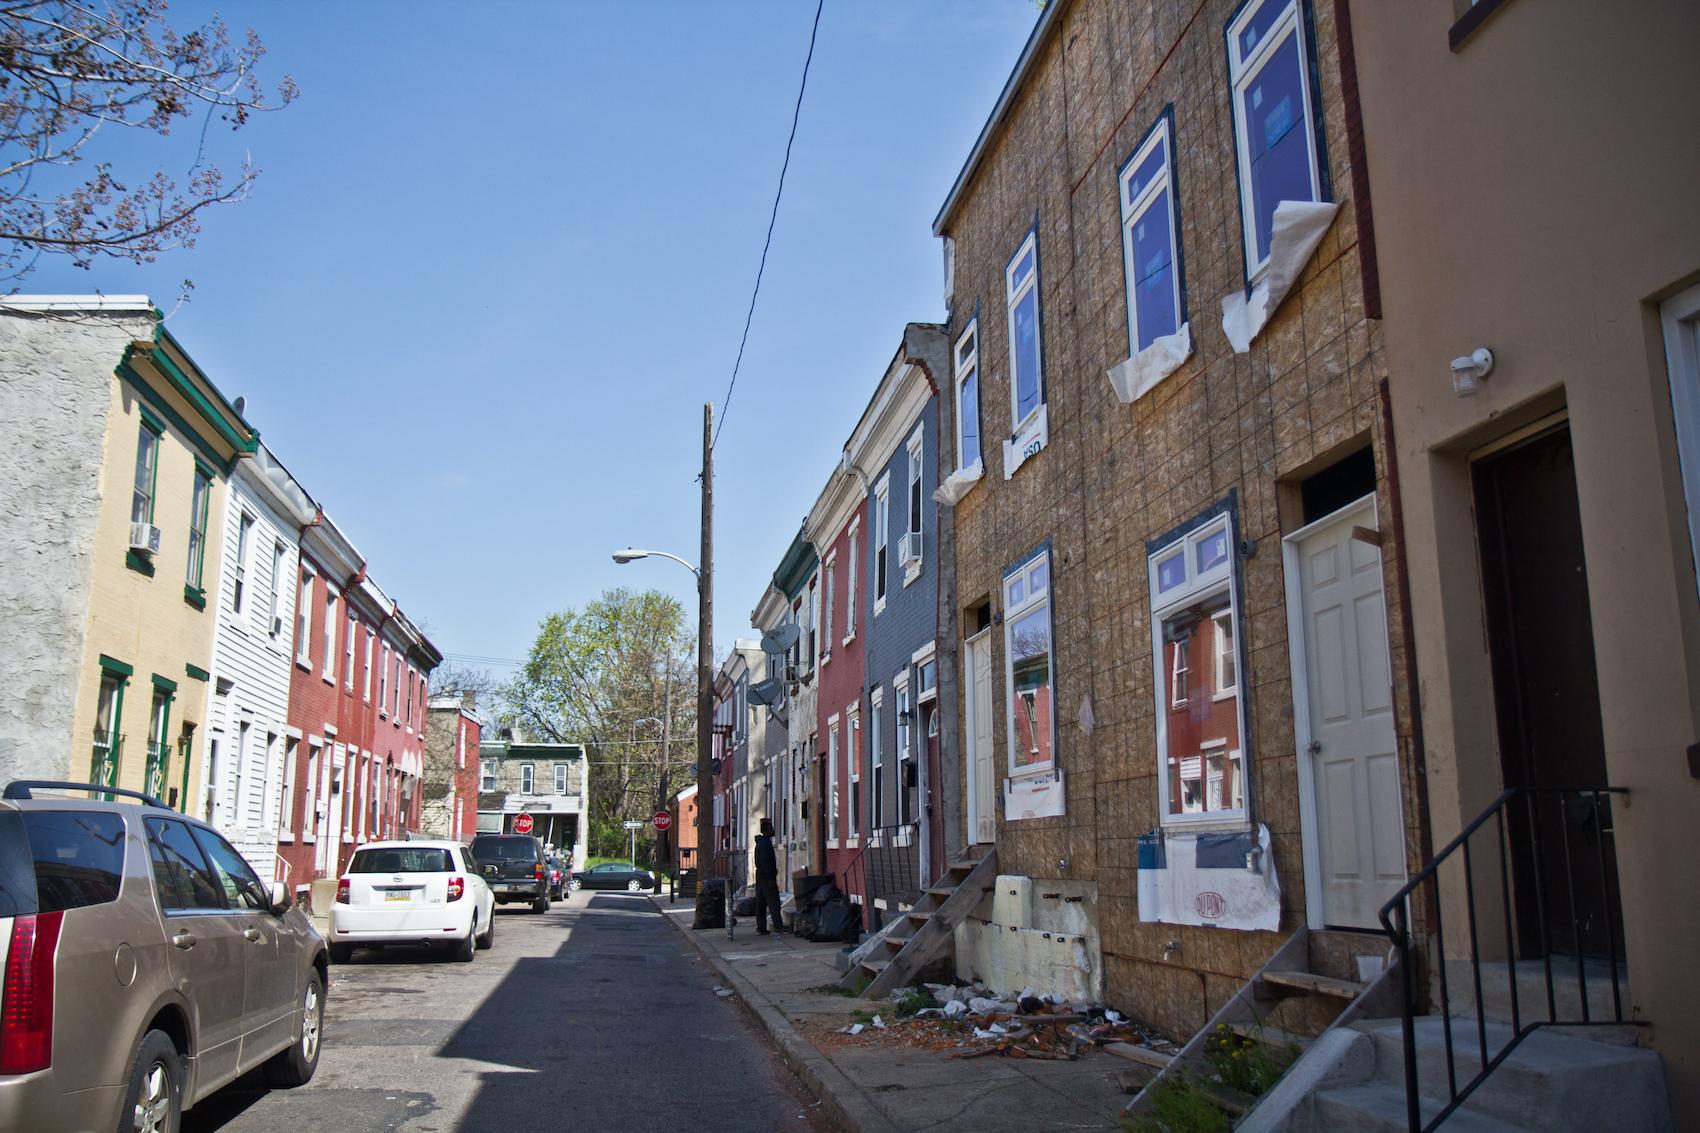 Properties on Brooklyn Street in West Philadelphia